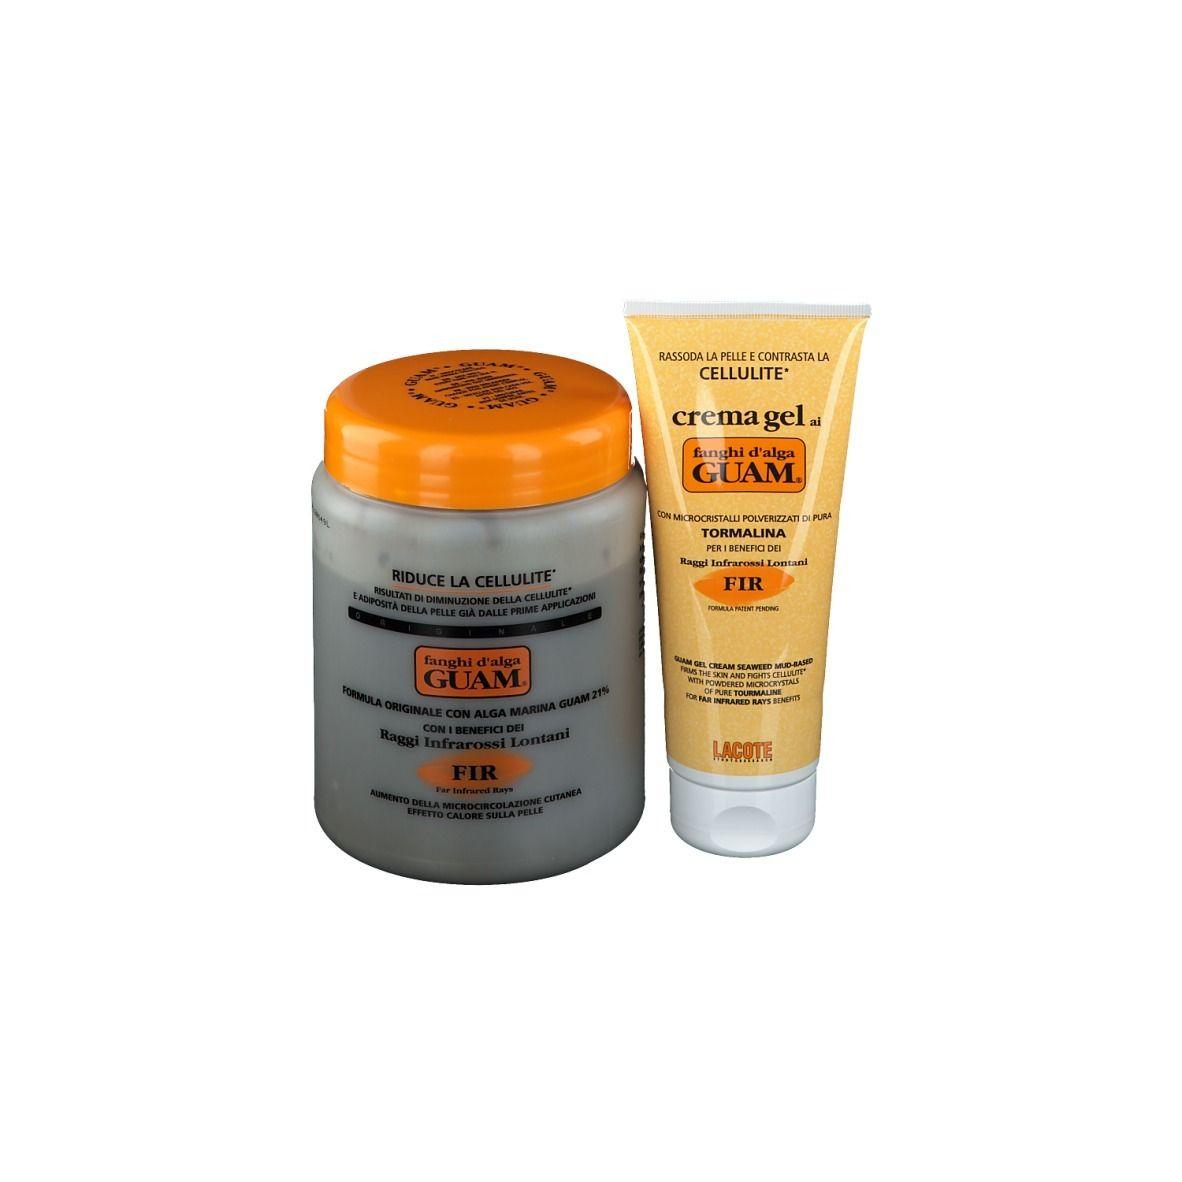 Guam® Boue d'algues GUAM® FIR + Crème gel raffermissante FIR GUAM® Anti-cellulite pc(s) set(s)